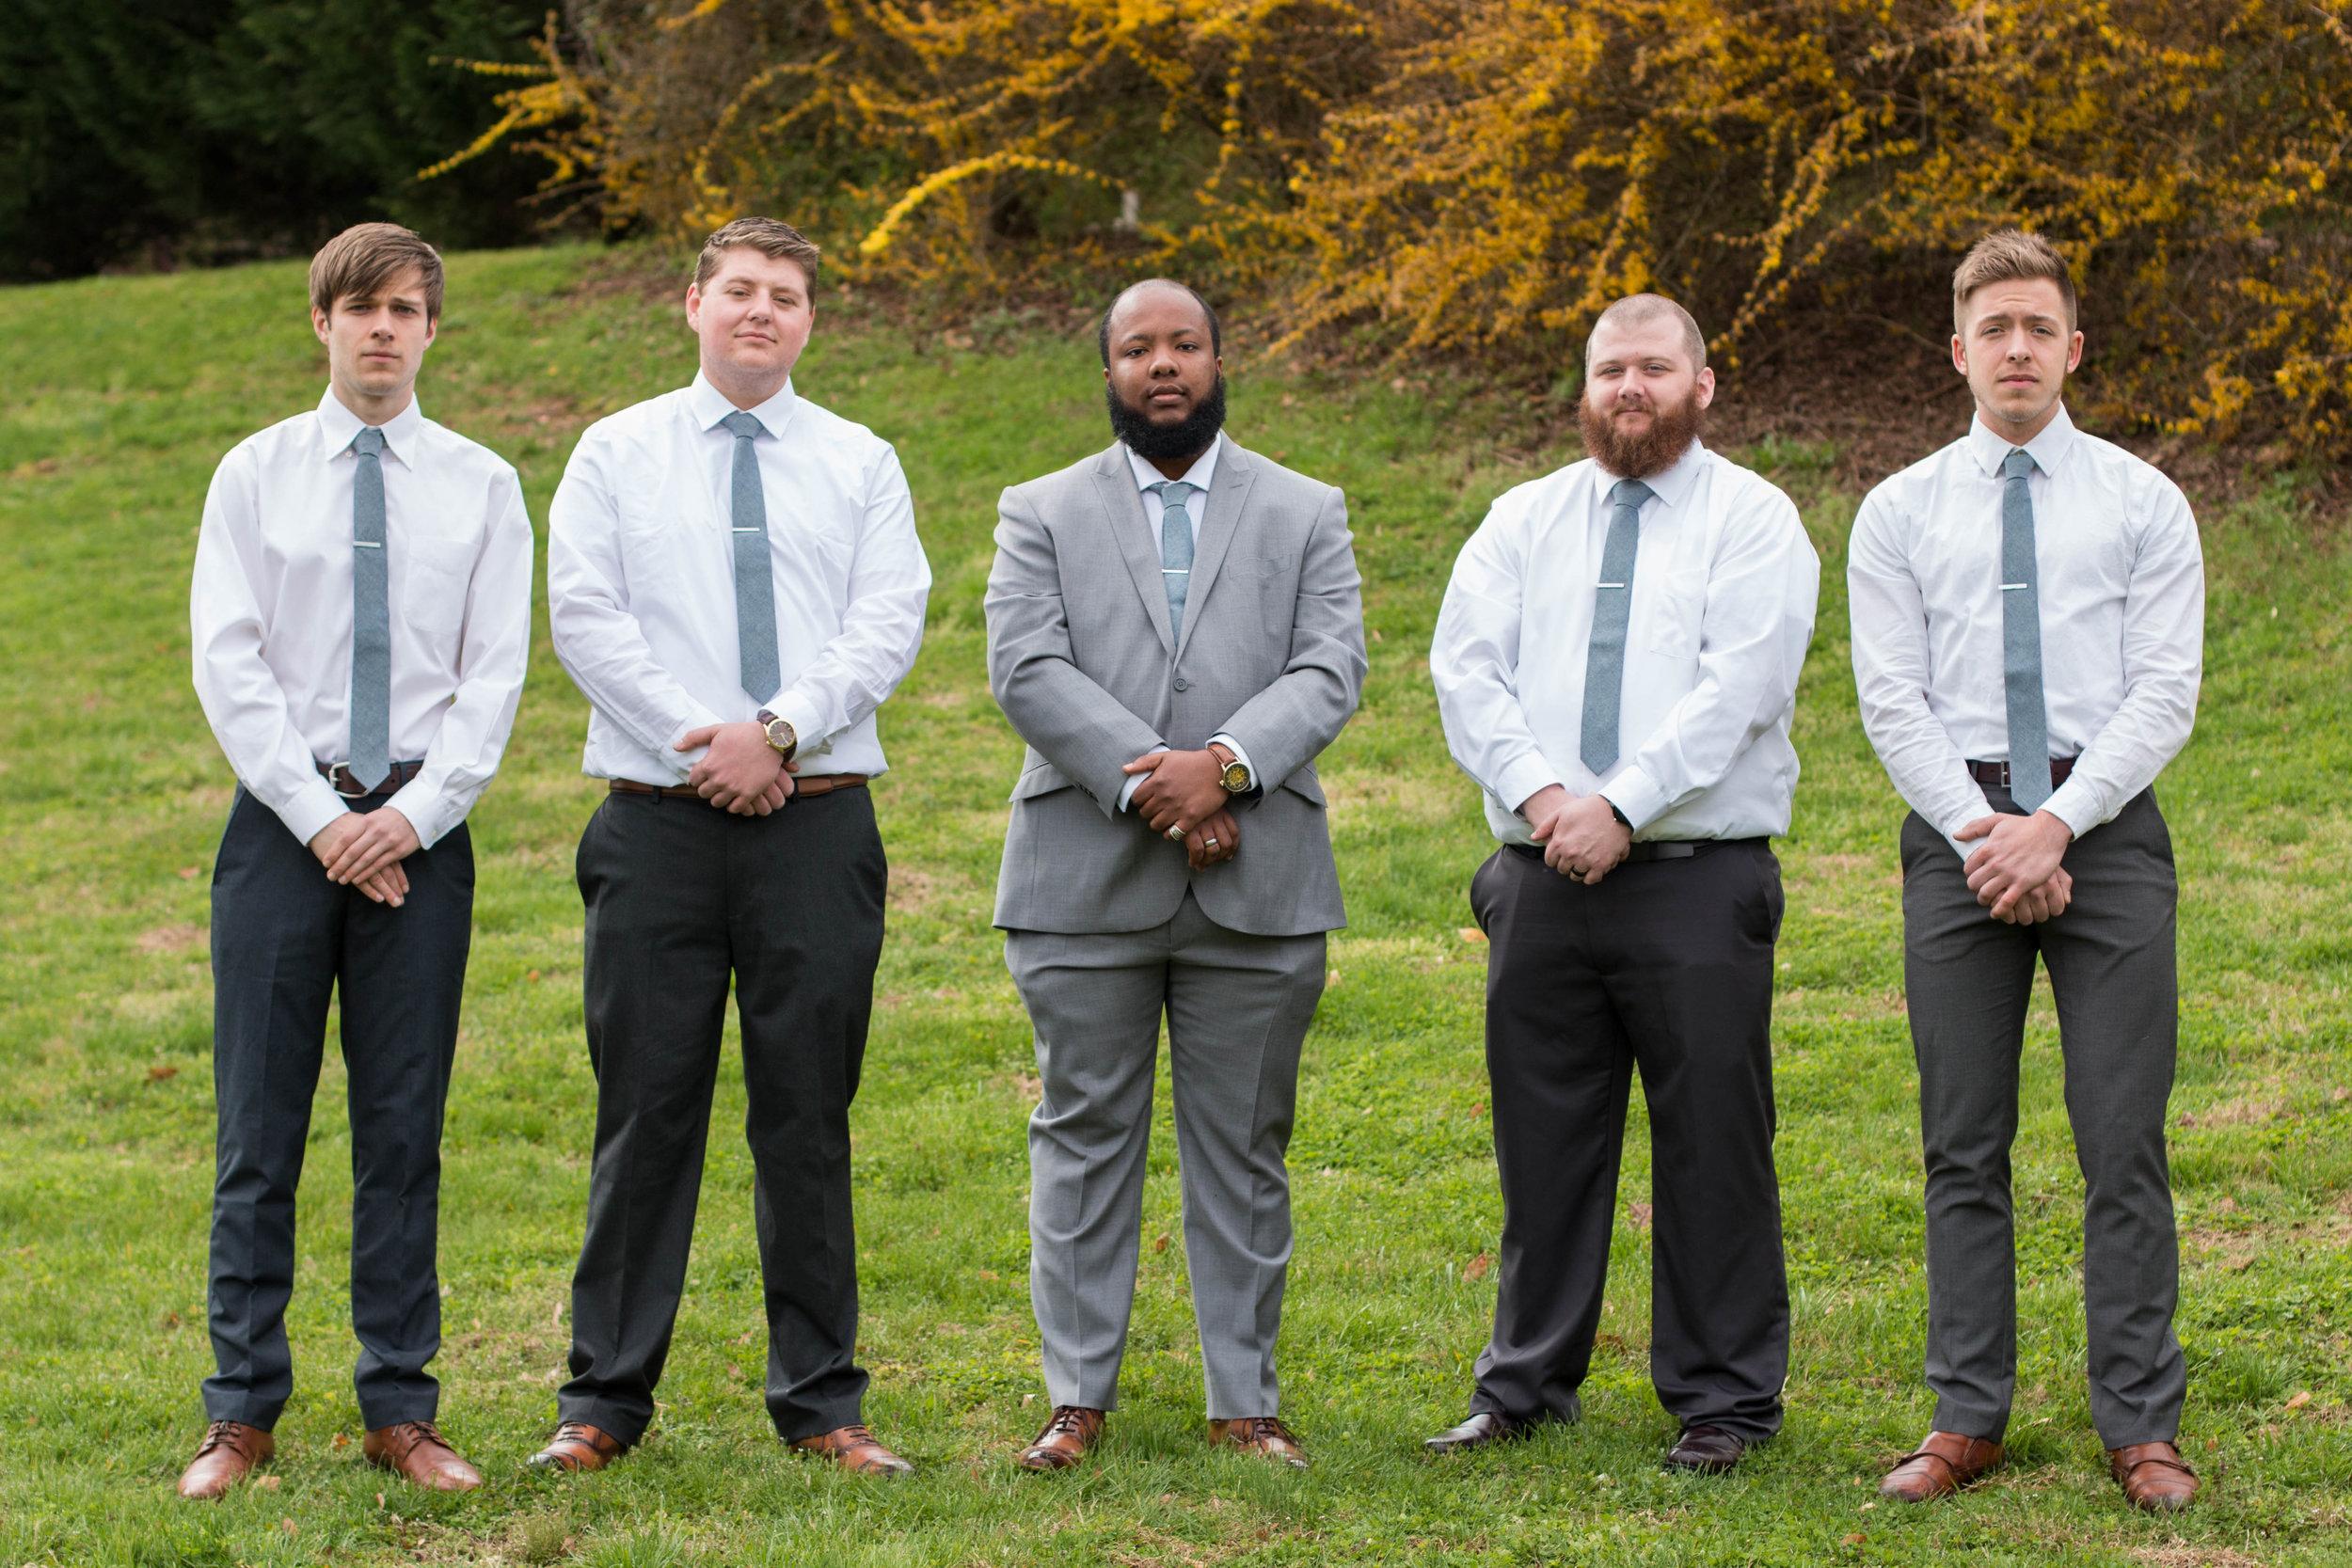 weddingparty-069.jpg